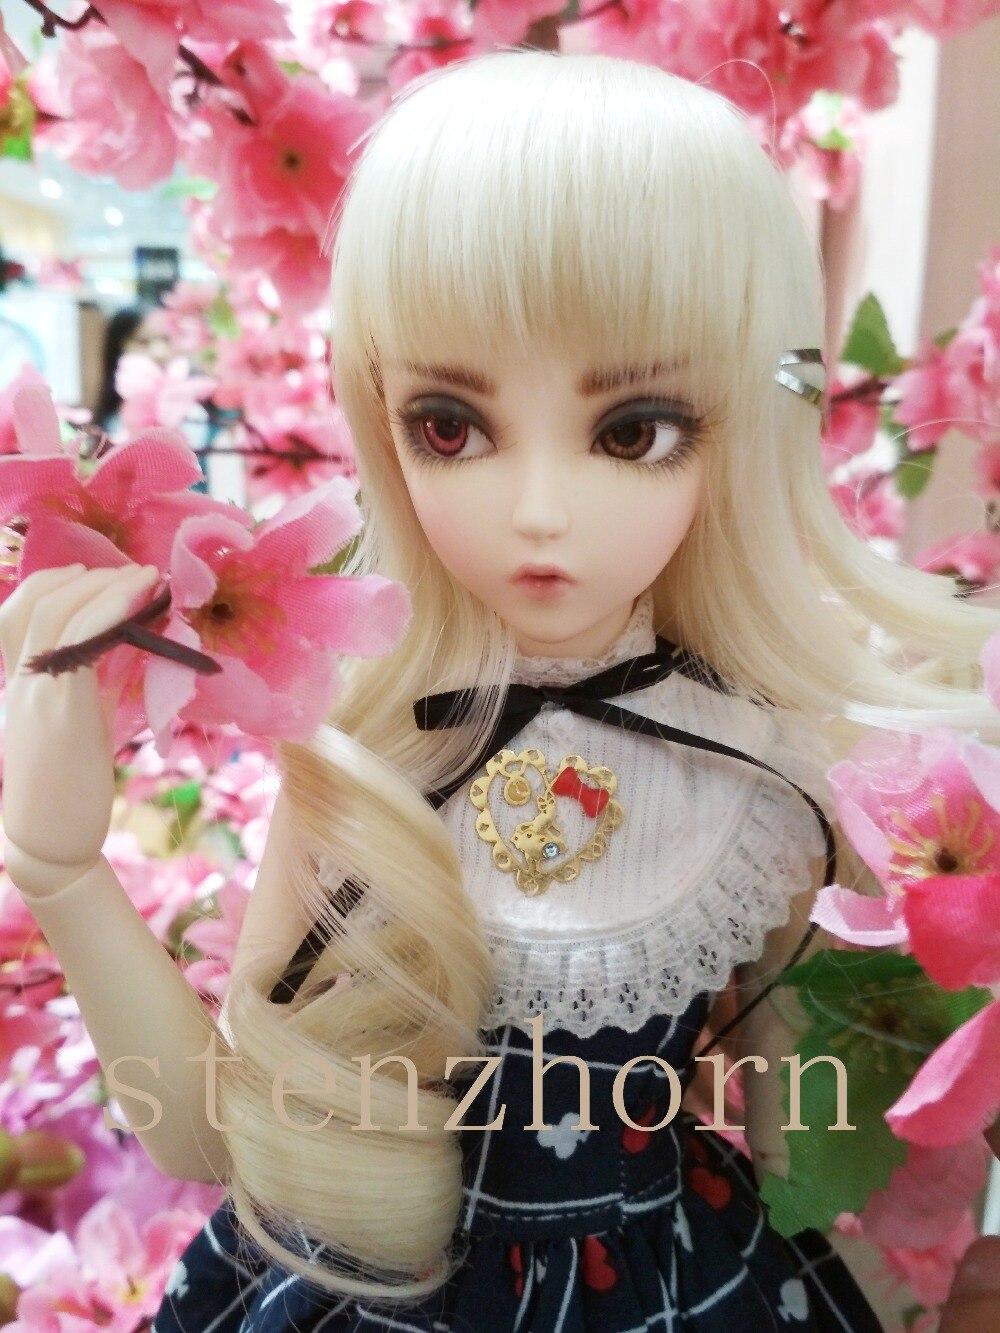 Bjd/poupée chloé Celine Mio Mika BJD poupées 1/4 douce mode fée nue jouets pour filles cadeaux d'anniversaire